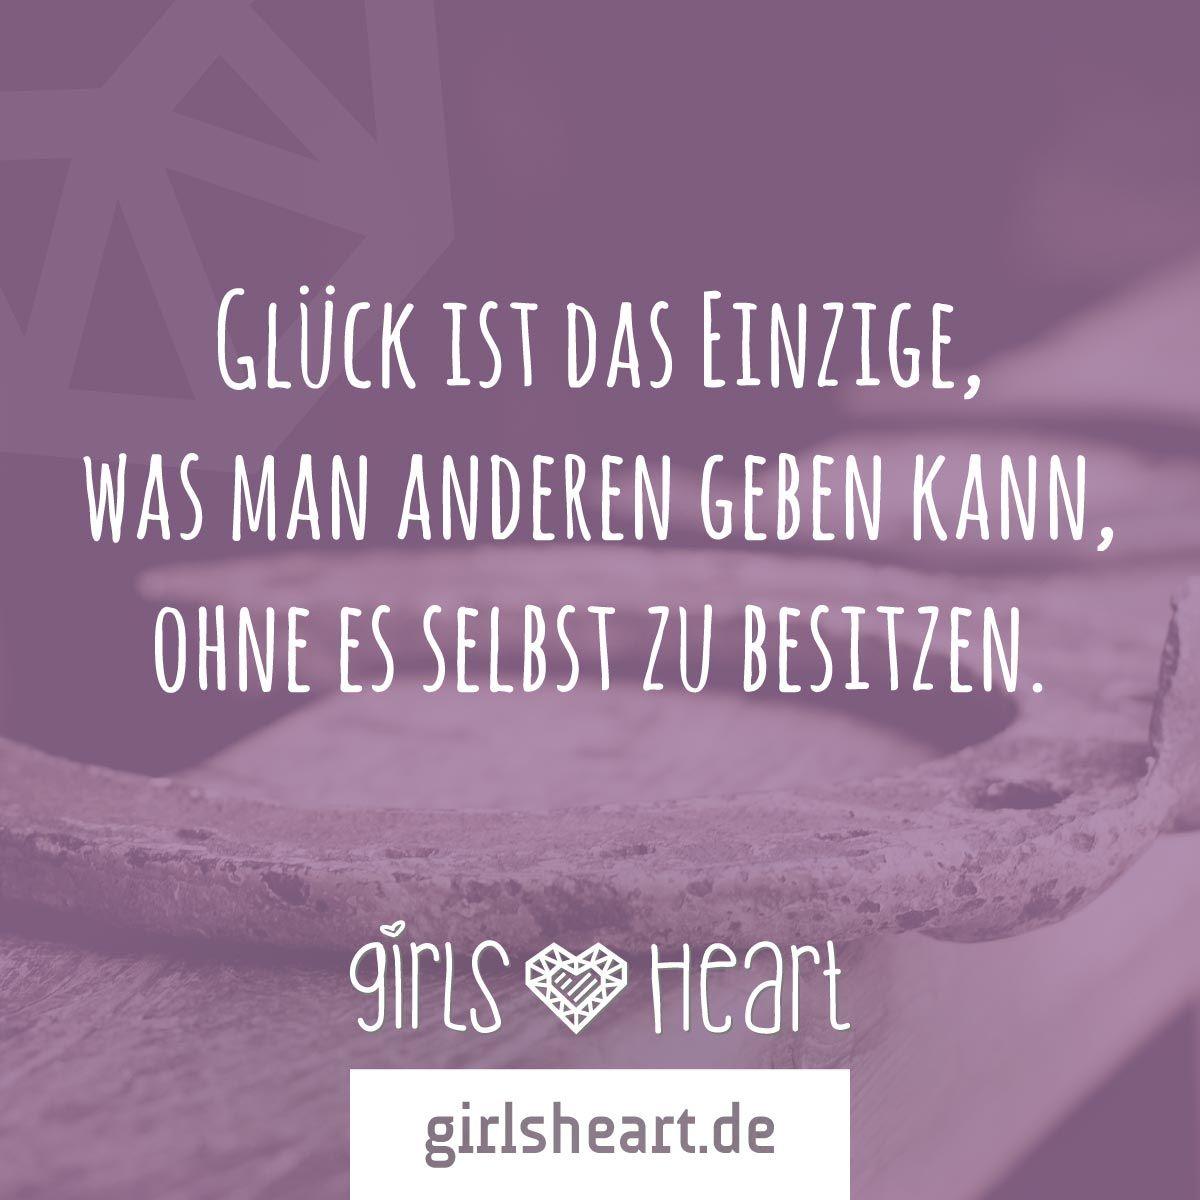 Mehr Sprüche Auf: Www.girlsheart.de #glück #glücklich #freunde #